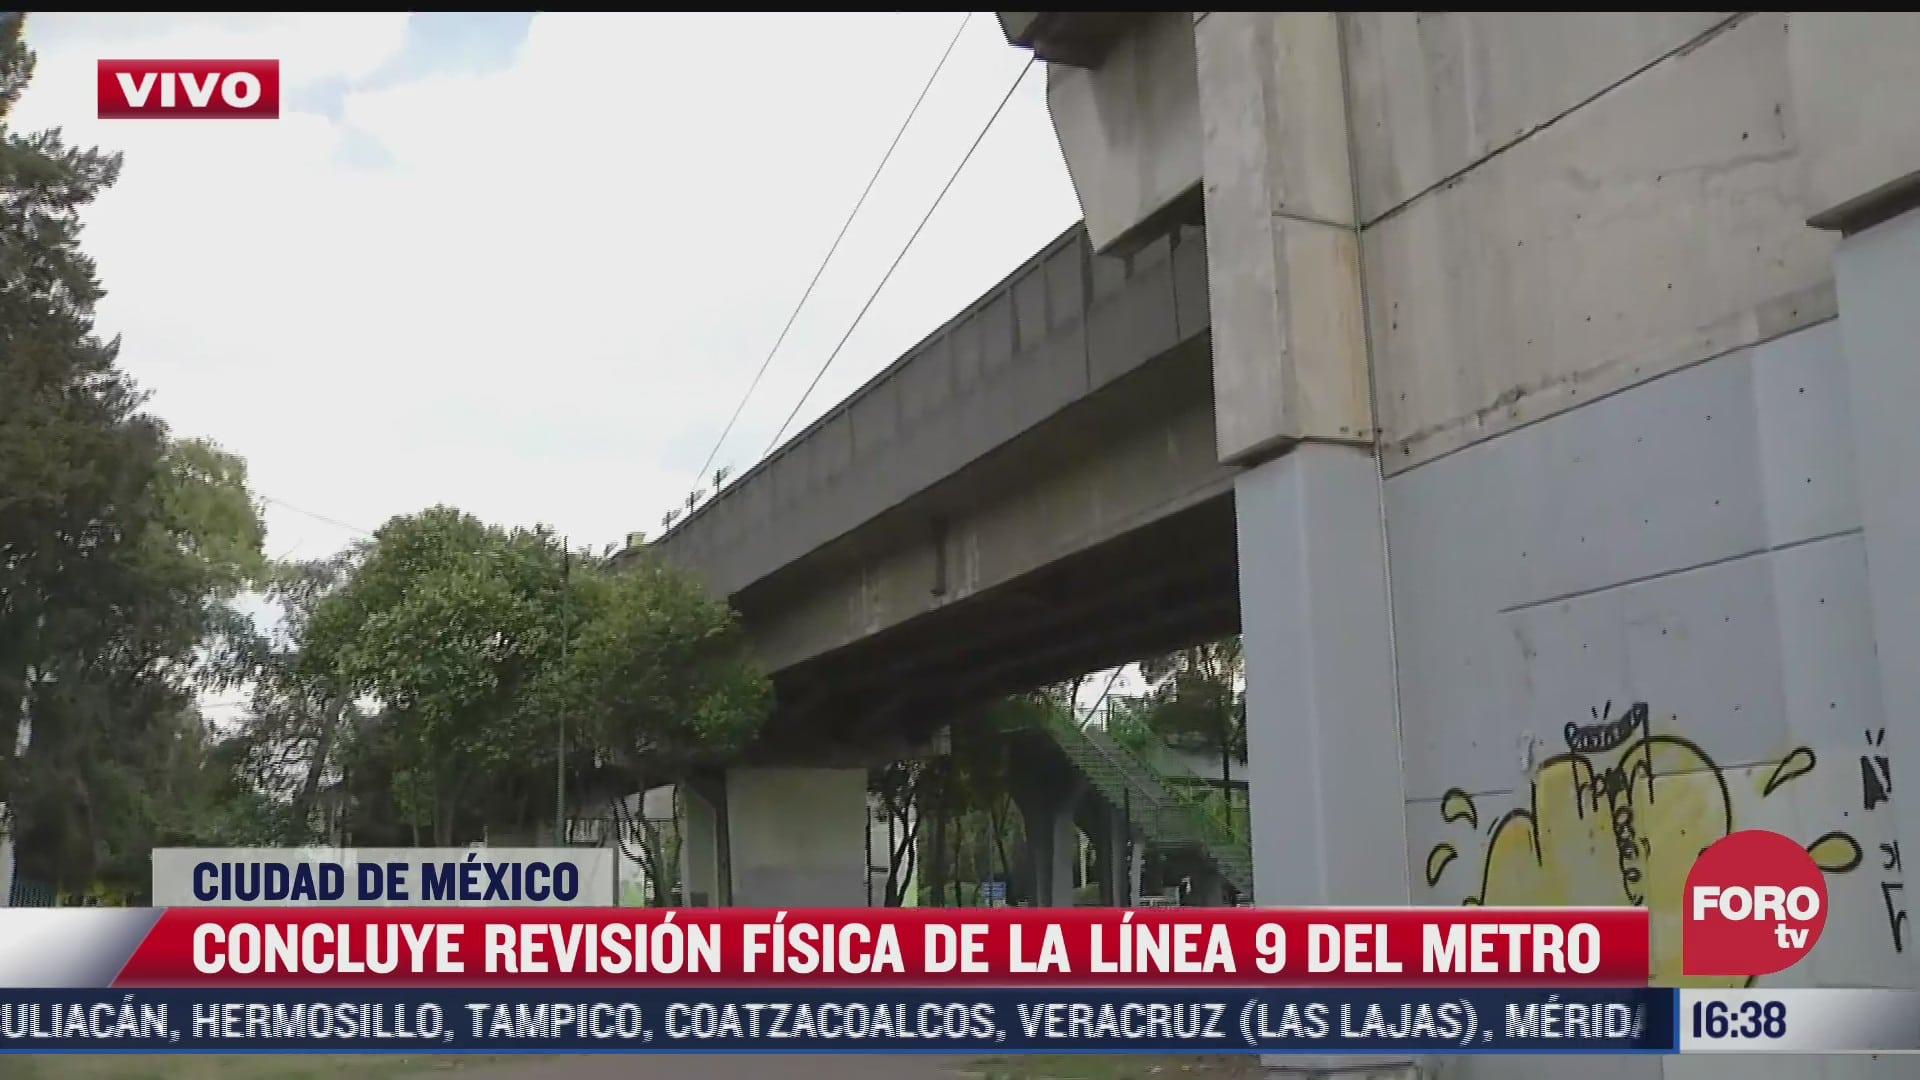 concluye revision estructural de tramo elevado de l9 del metro